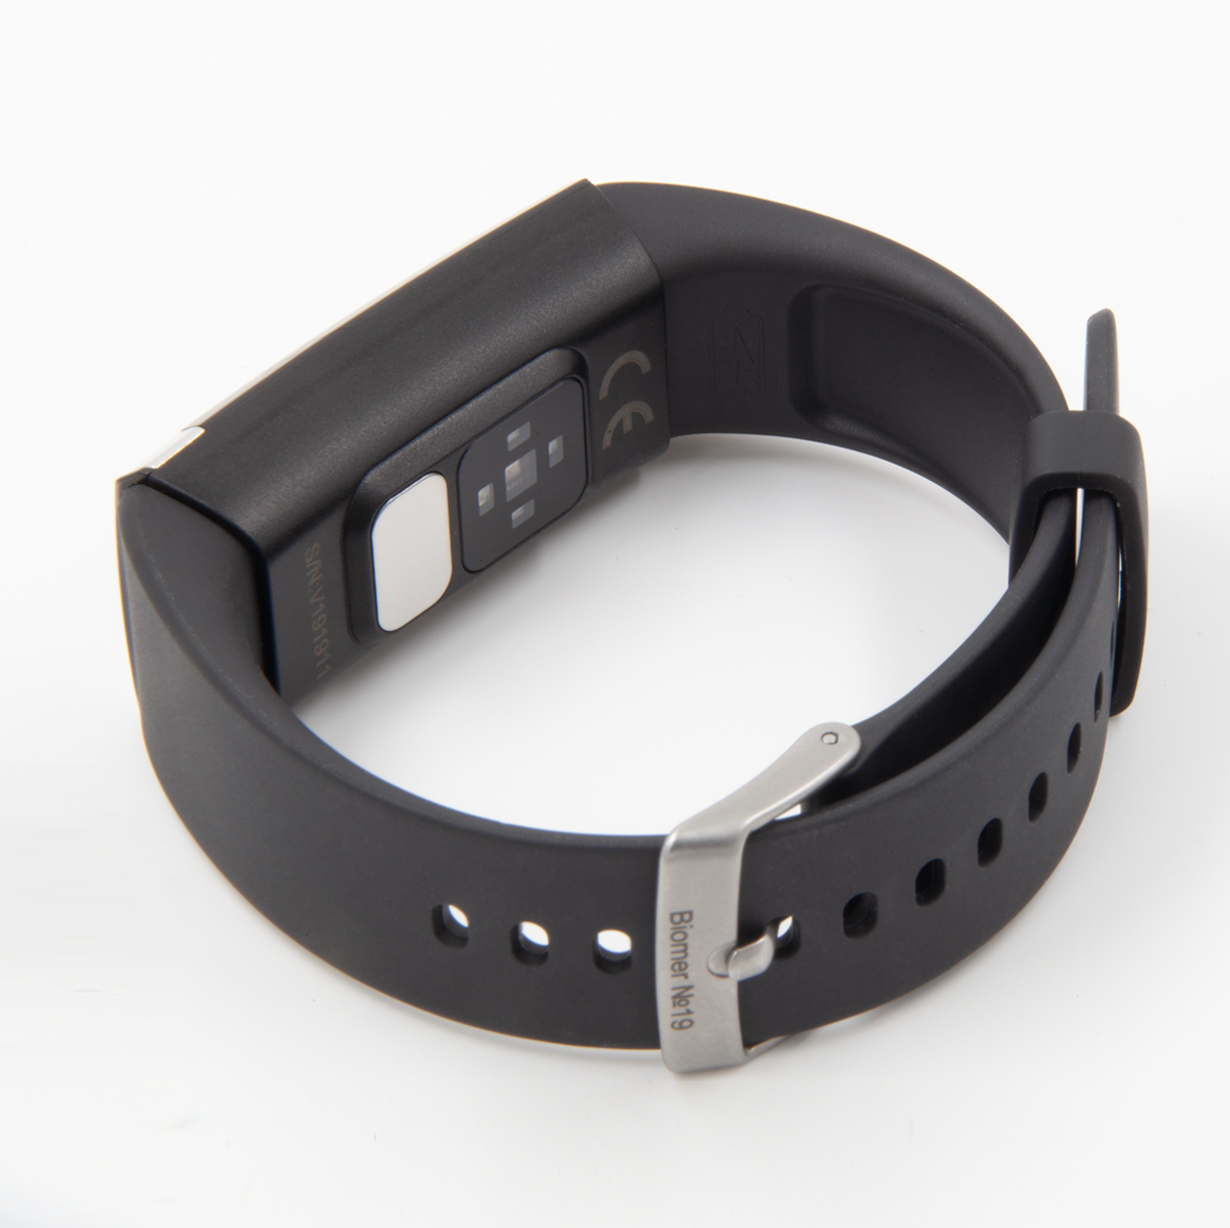 Профессиональный браслет здоровья с автоматическим измерением давления, пульса, кислорода, HRV, снятием ЭКГ и контролем аномального пульса  Biomer №19 (HB) (чёрный)